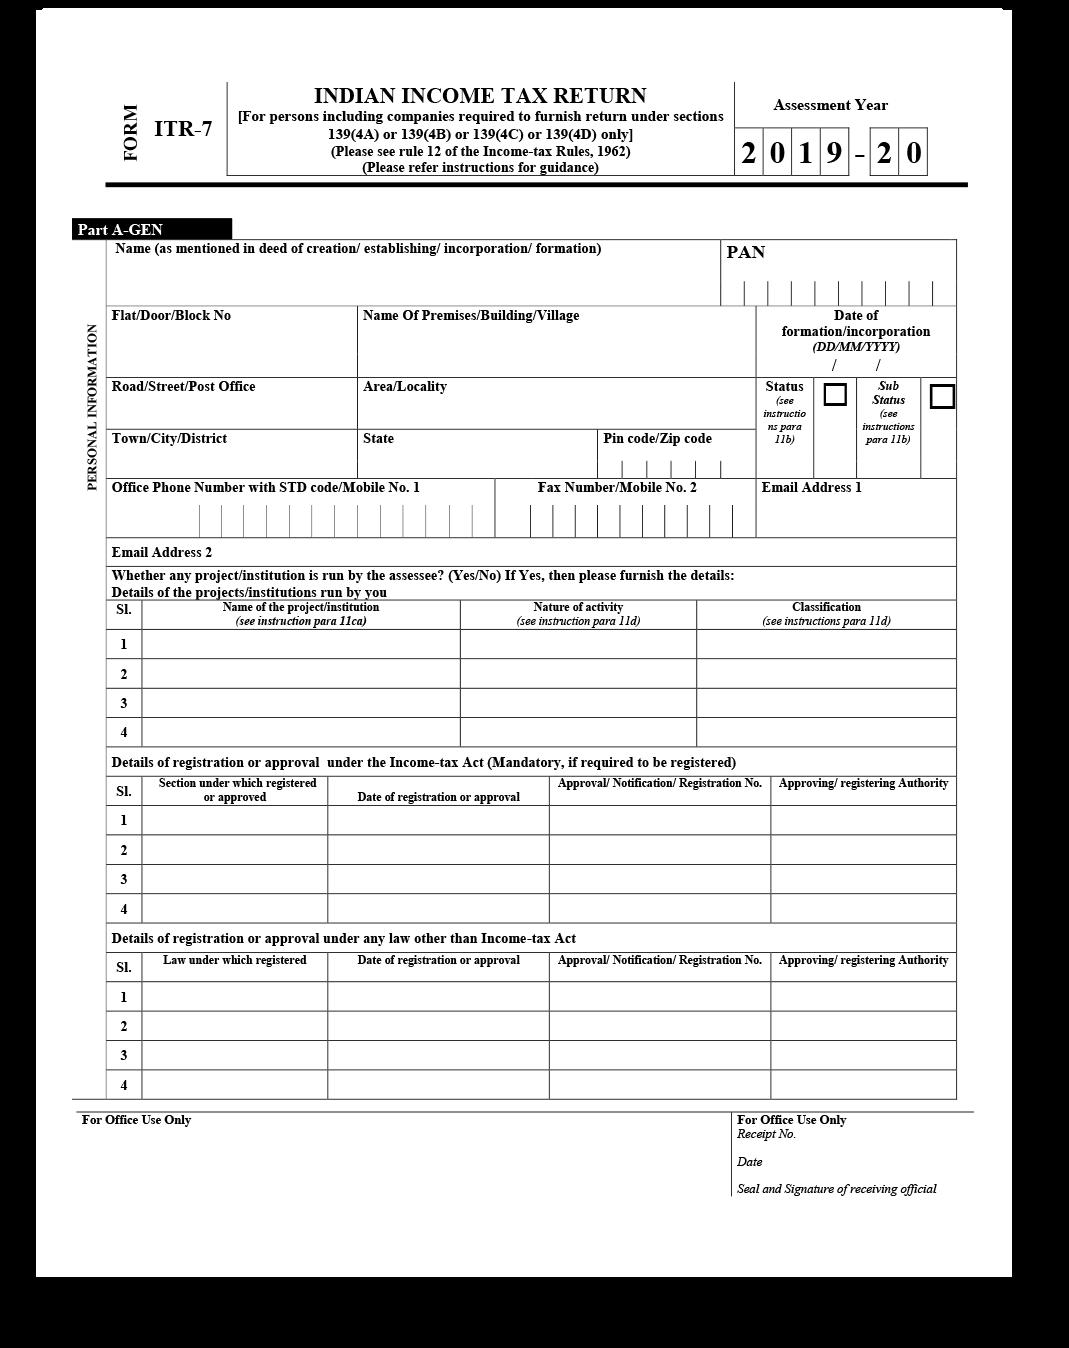 ITR 7 Form